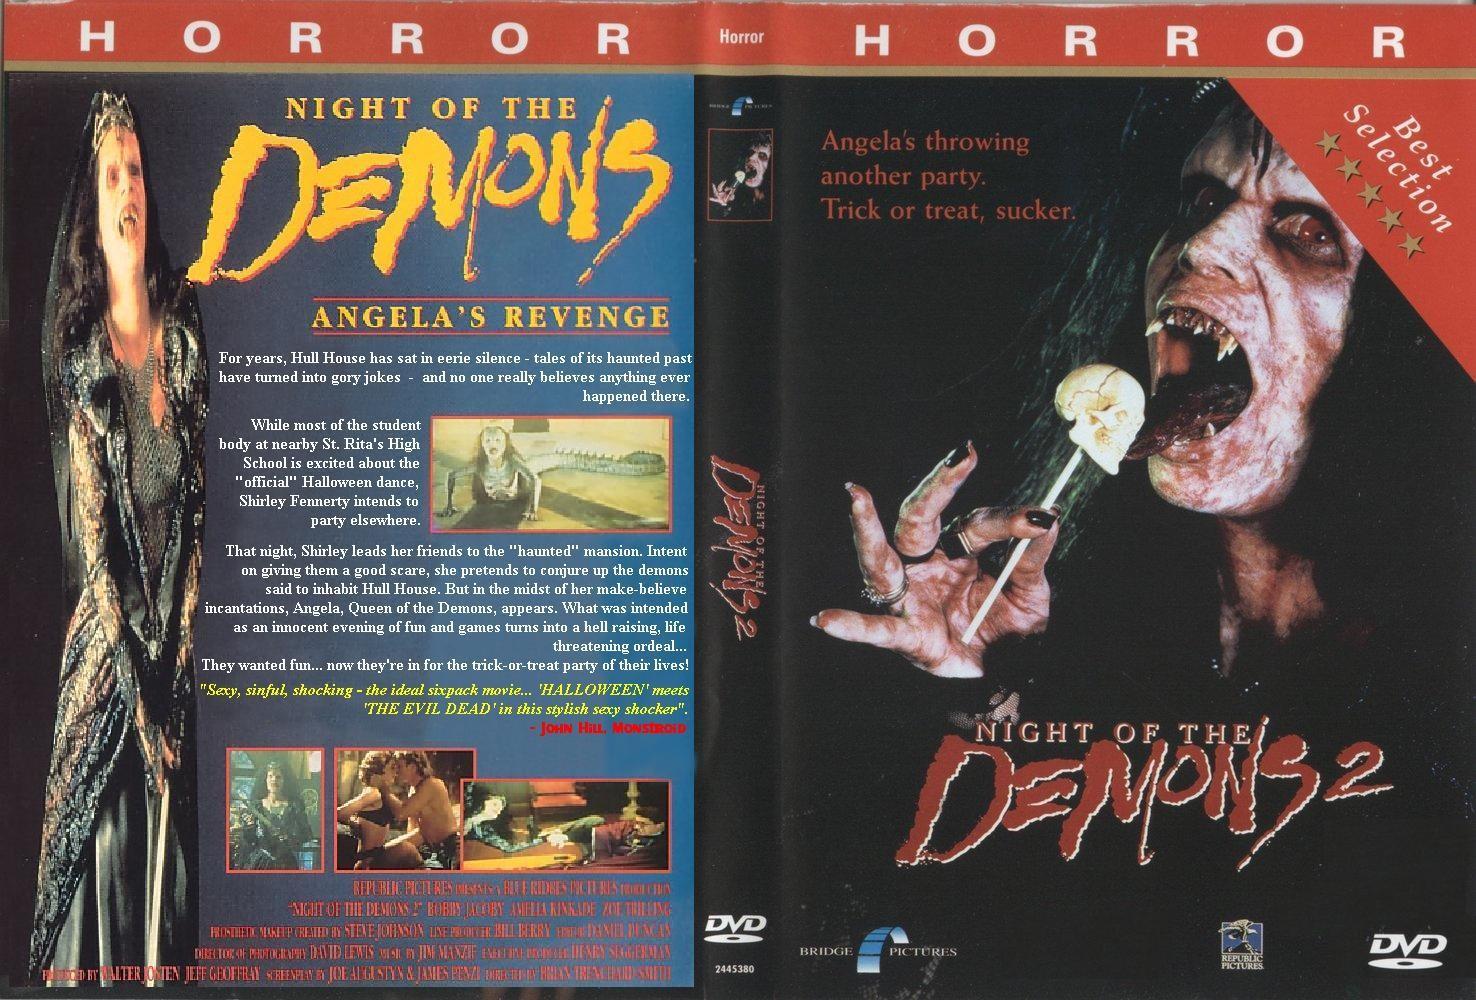 مشاهدة فيلم Night of the Demons 2 1994 HD مترجم كامل اون لاين